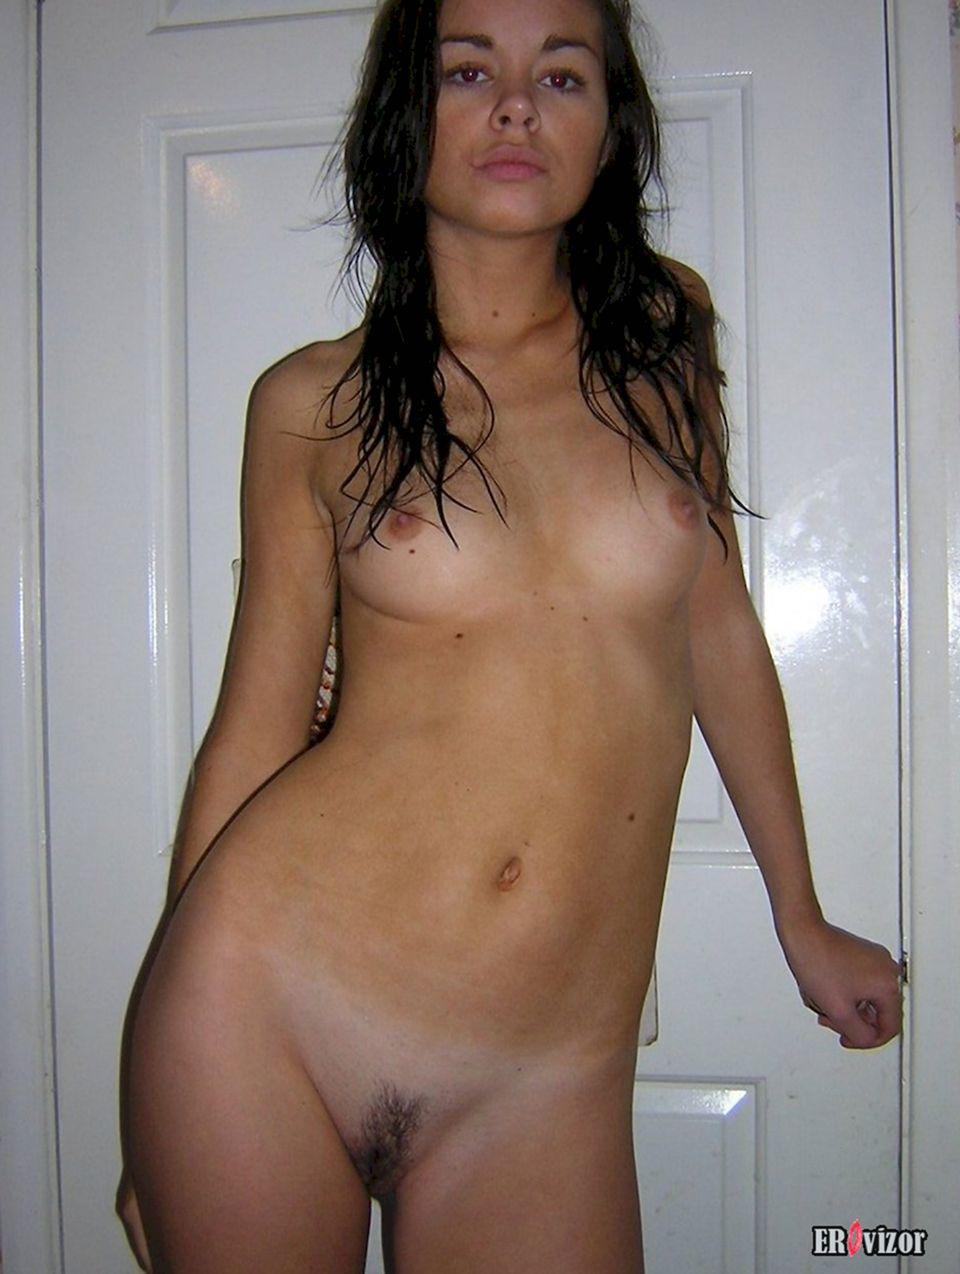 Домашние голые фото девушек (80 фото)